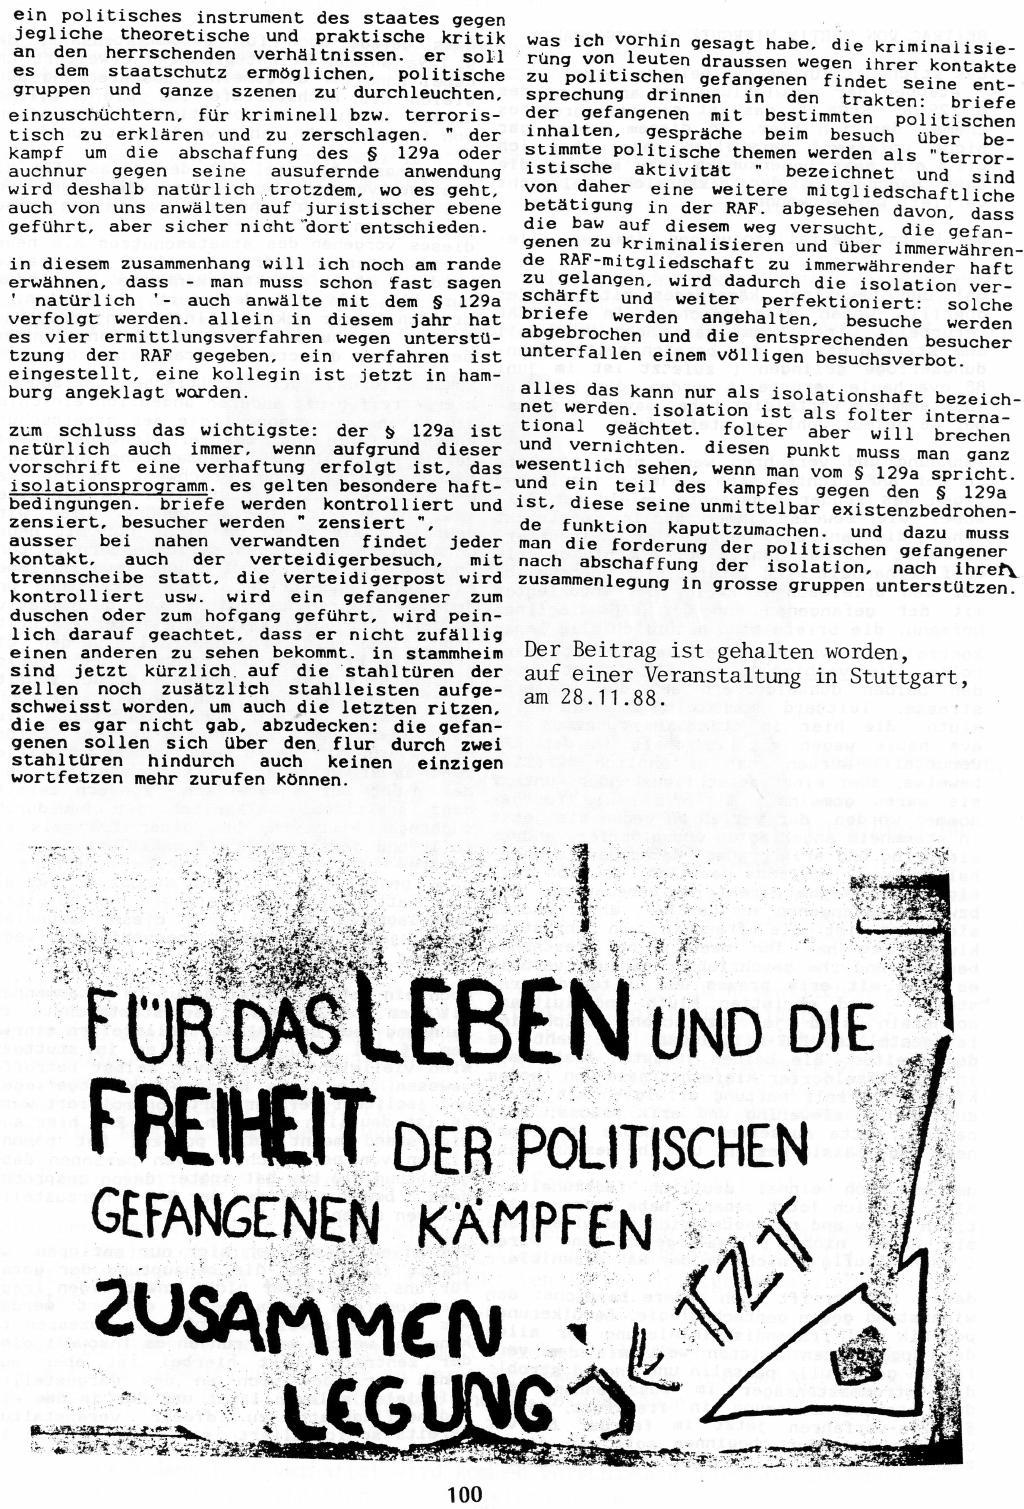 Duesseldorf_1989_Sechs_Politische_Gefangene_100